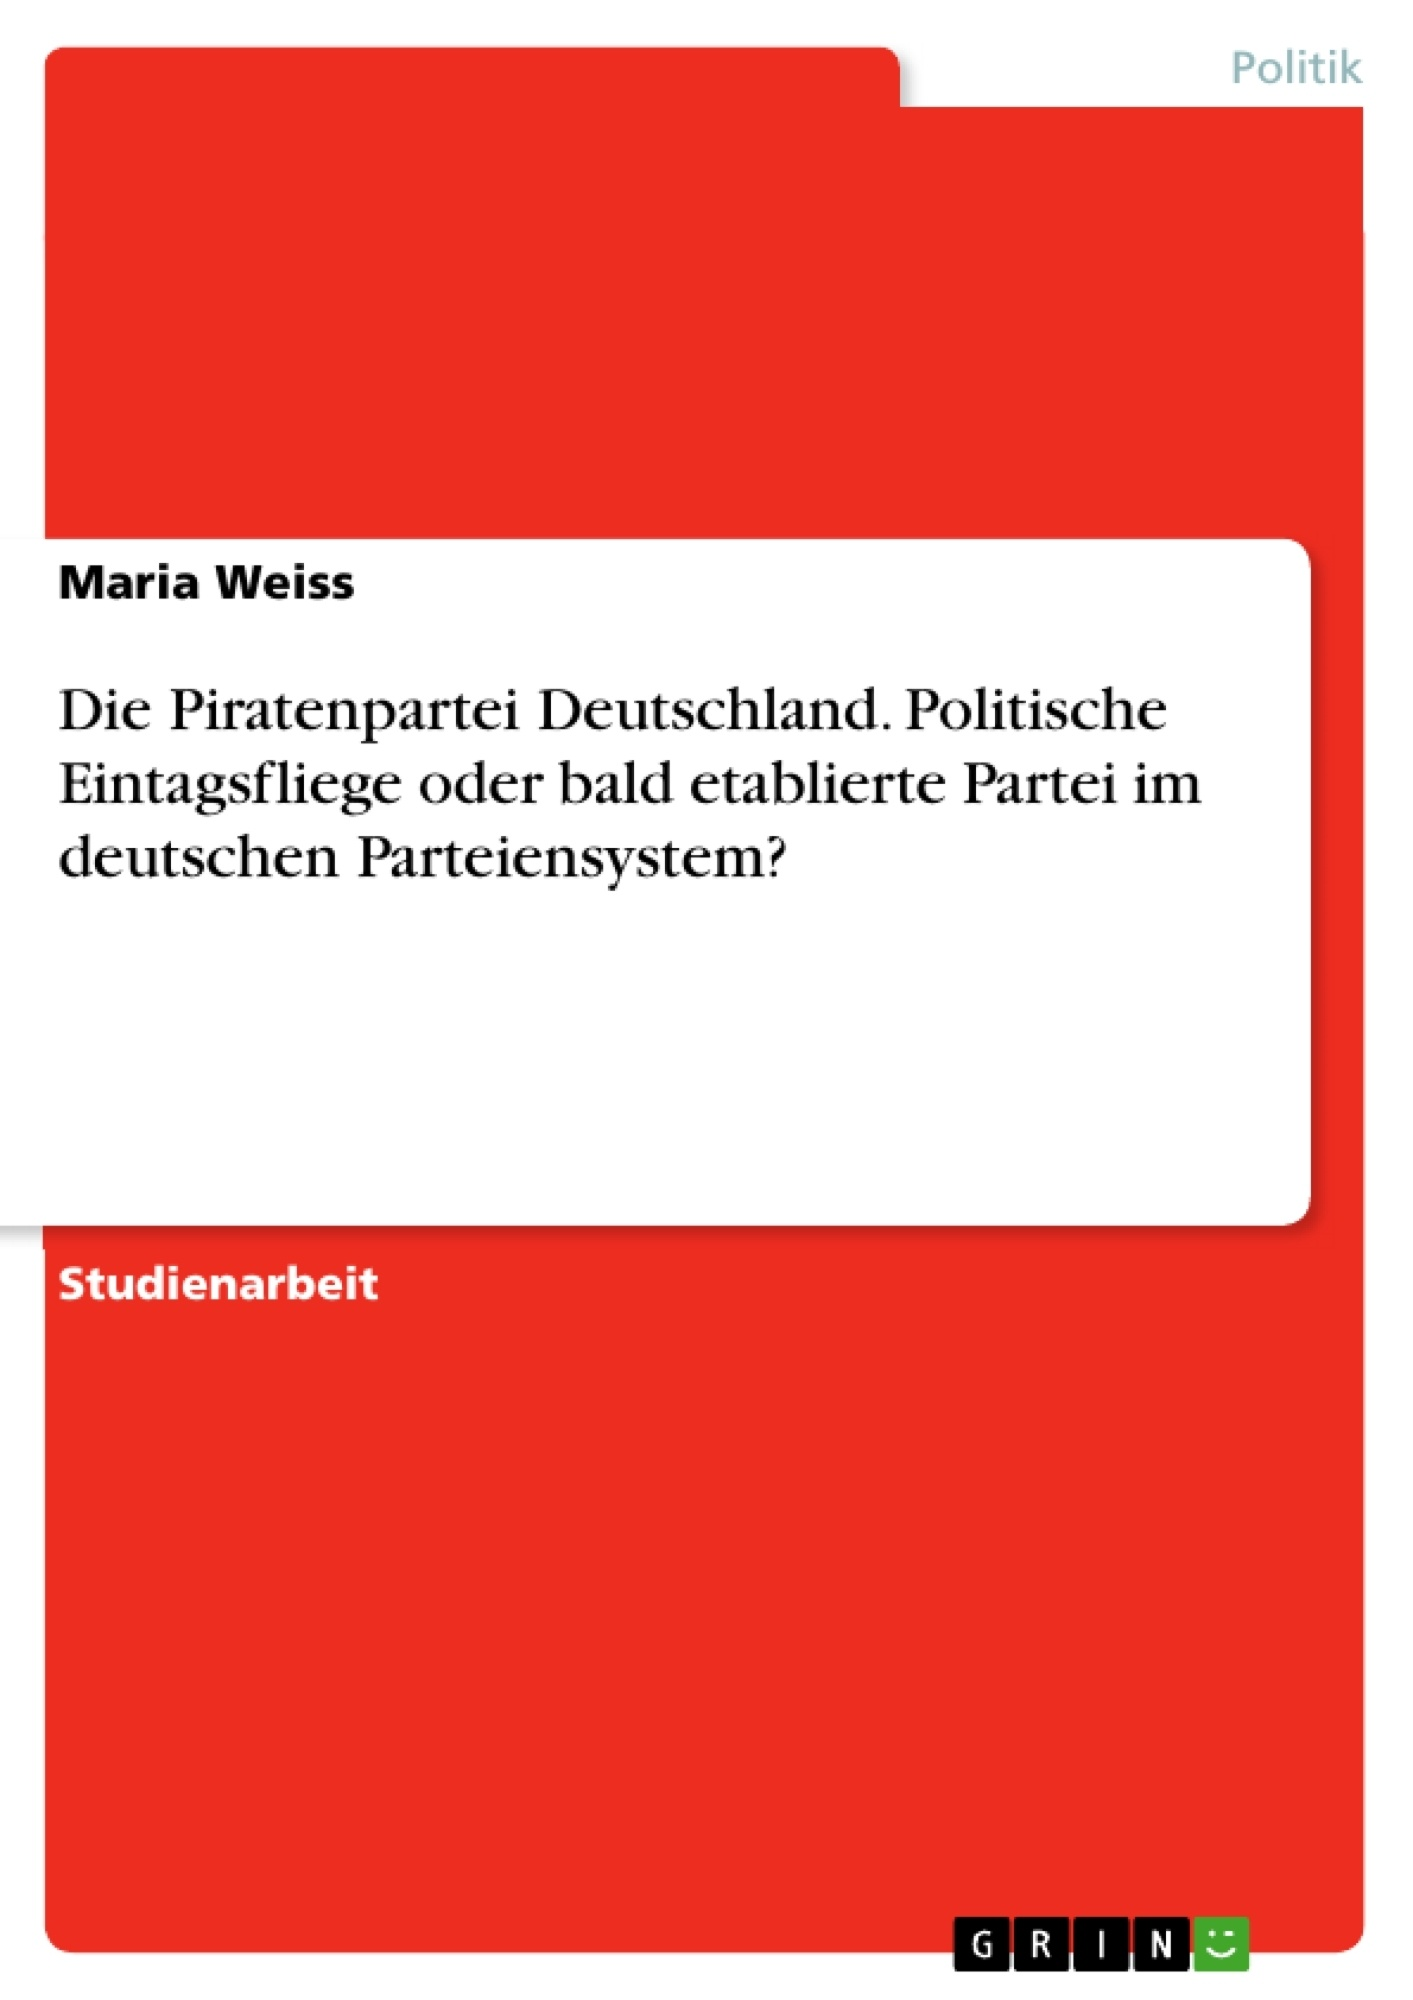 Titel: Die Piratenpartei Deutschland. Politische Eintagsfliege oder bald etablierte Partei im deutschen Parteiensystem?